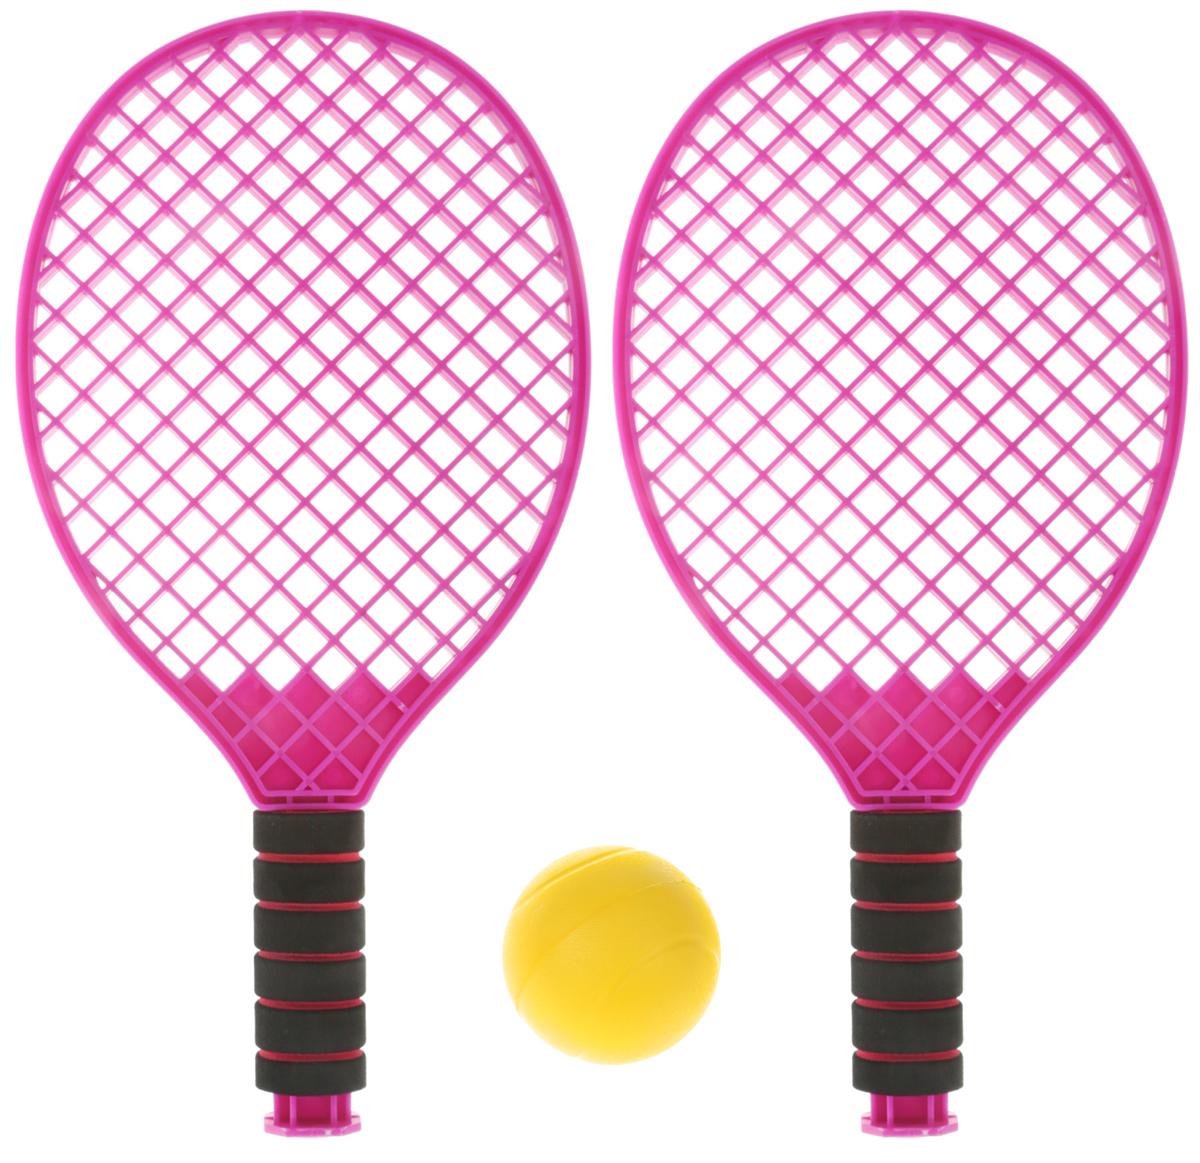 Concord Toys Игровой набор Теннис цвет розовый игровой набор playmates toys патрульные багги леонардо и донателло